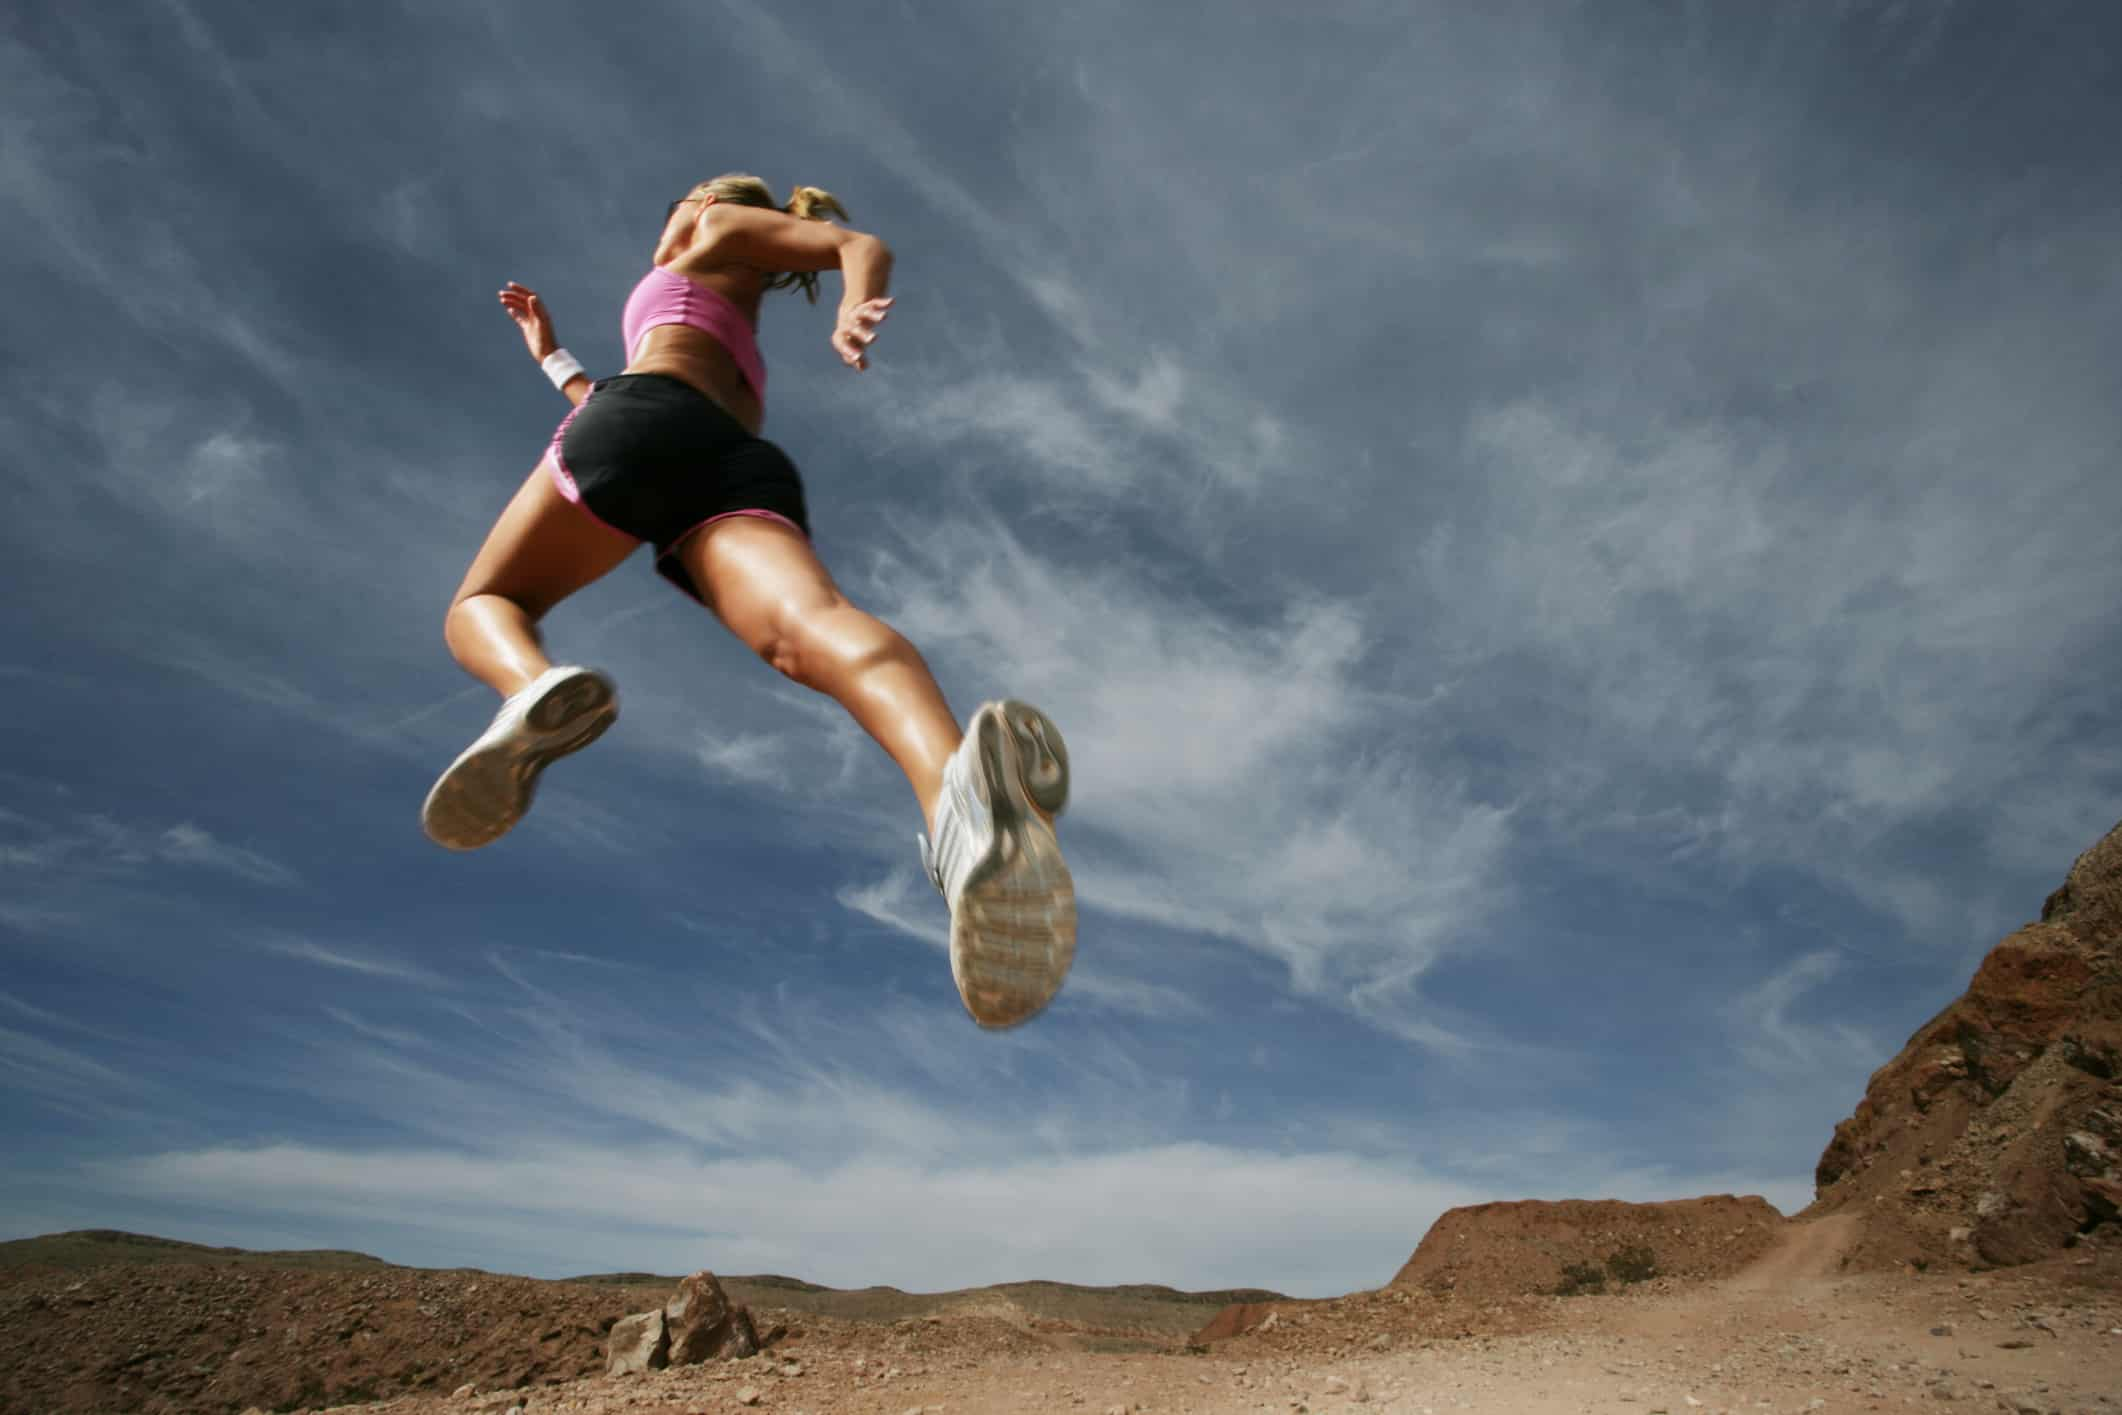 woman jump running